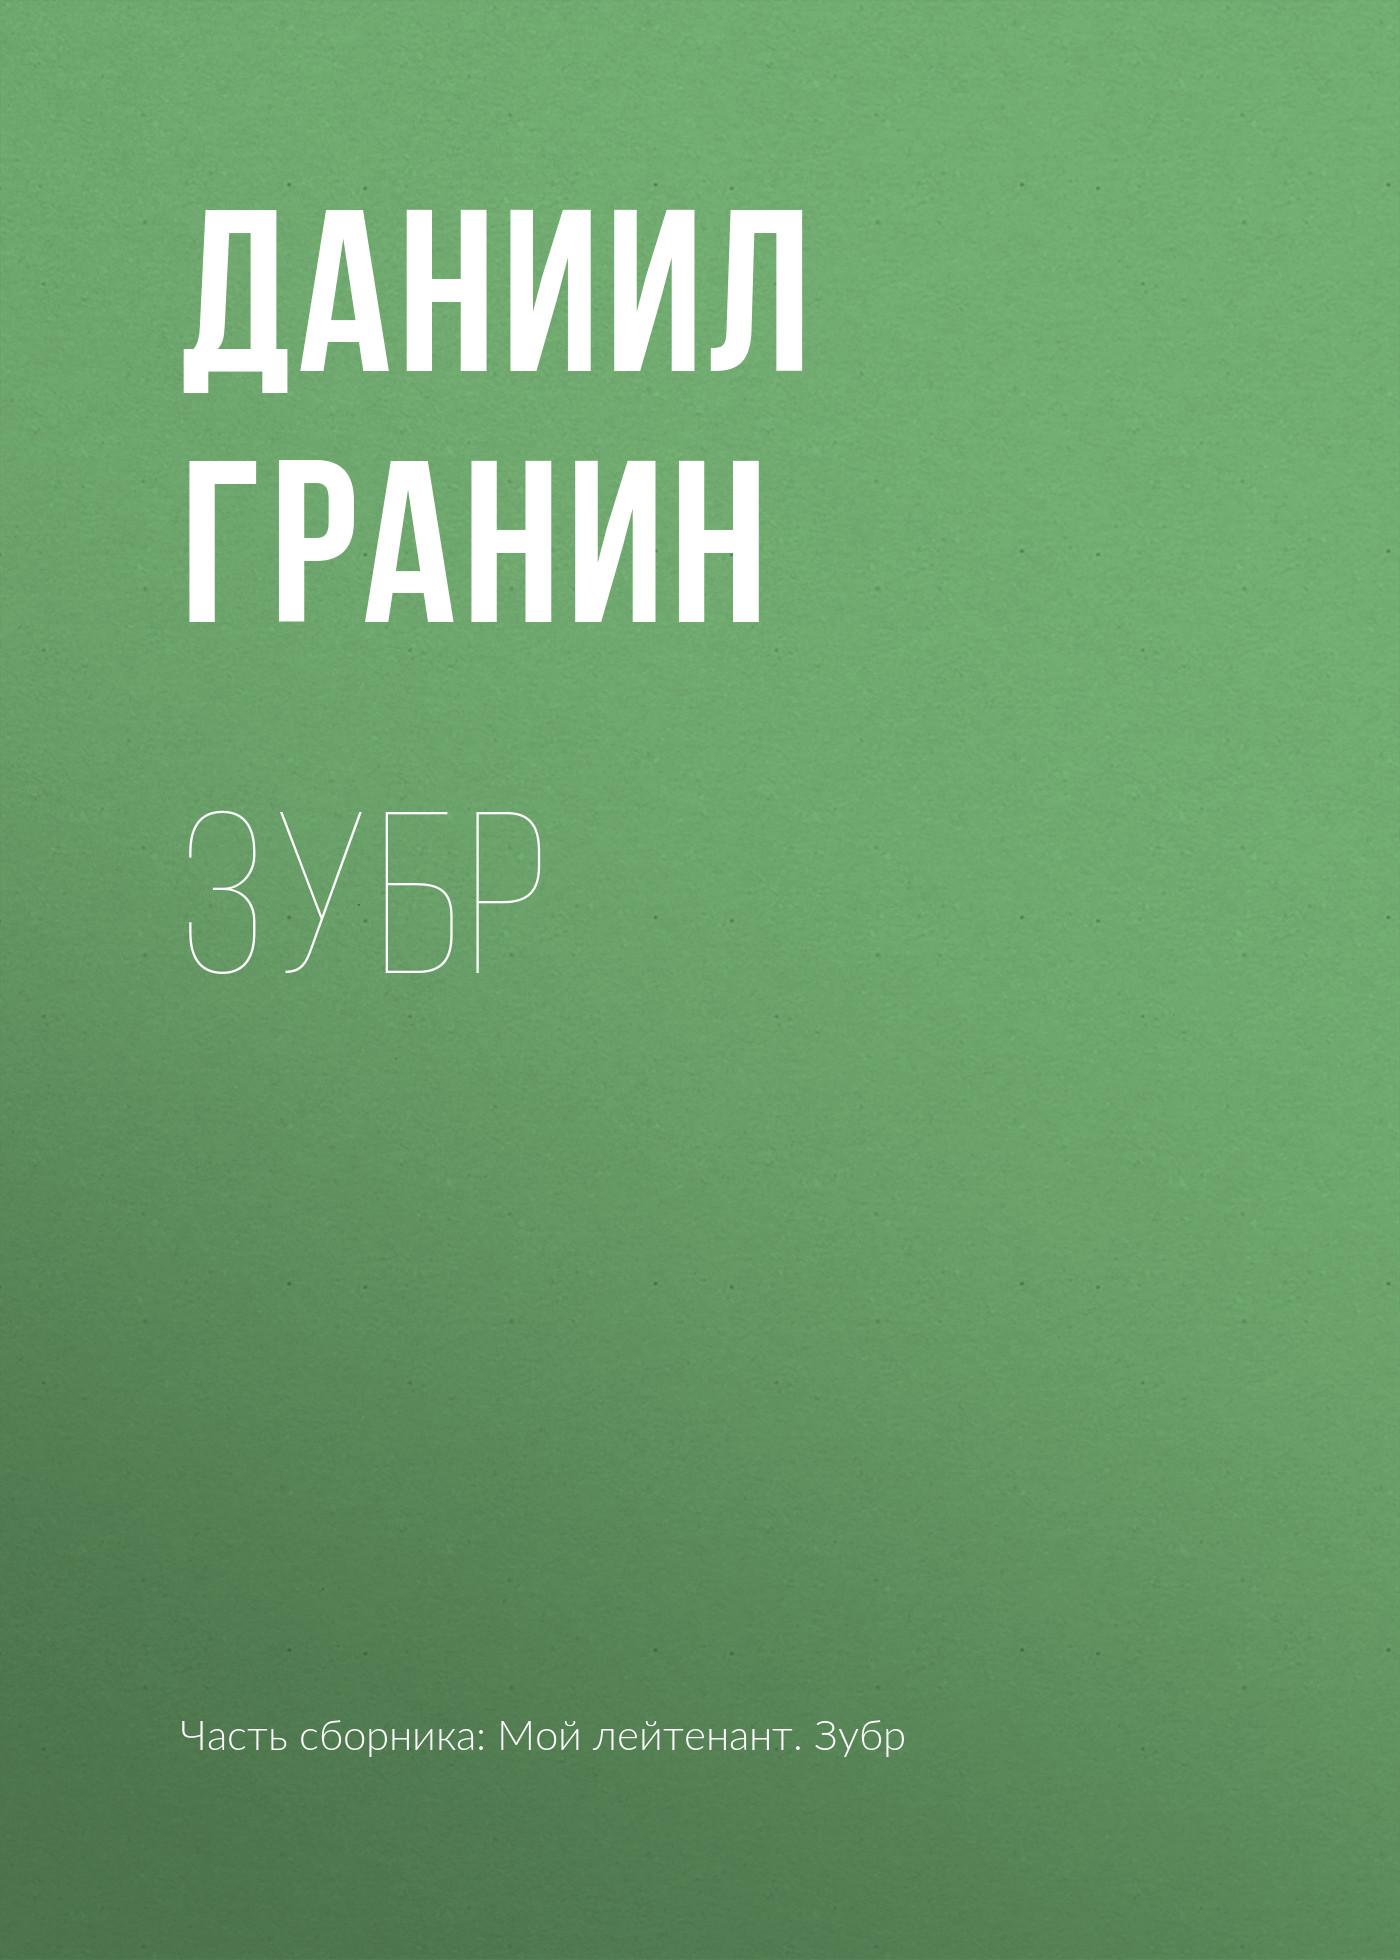 Купить книгу Зубр, автора Даниила Гранина